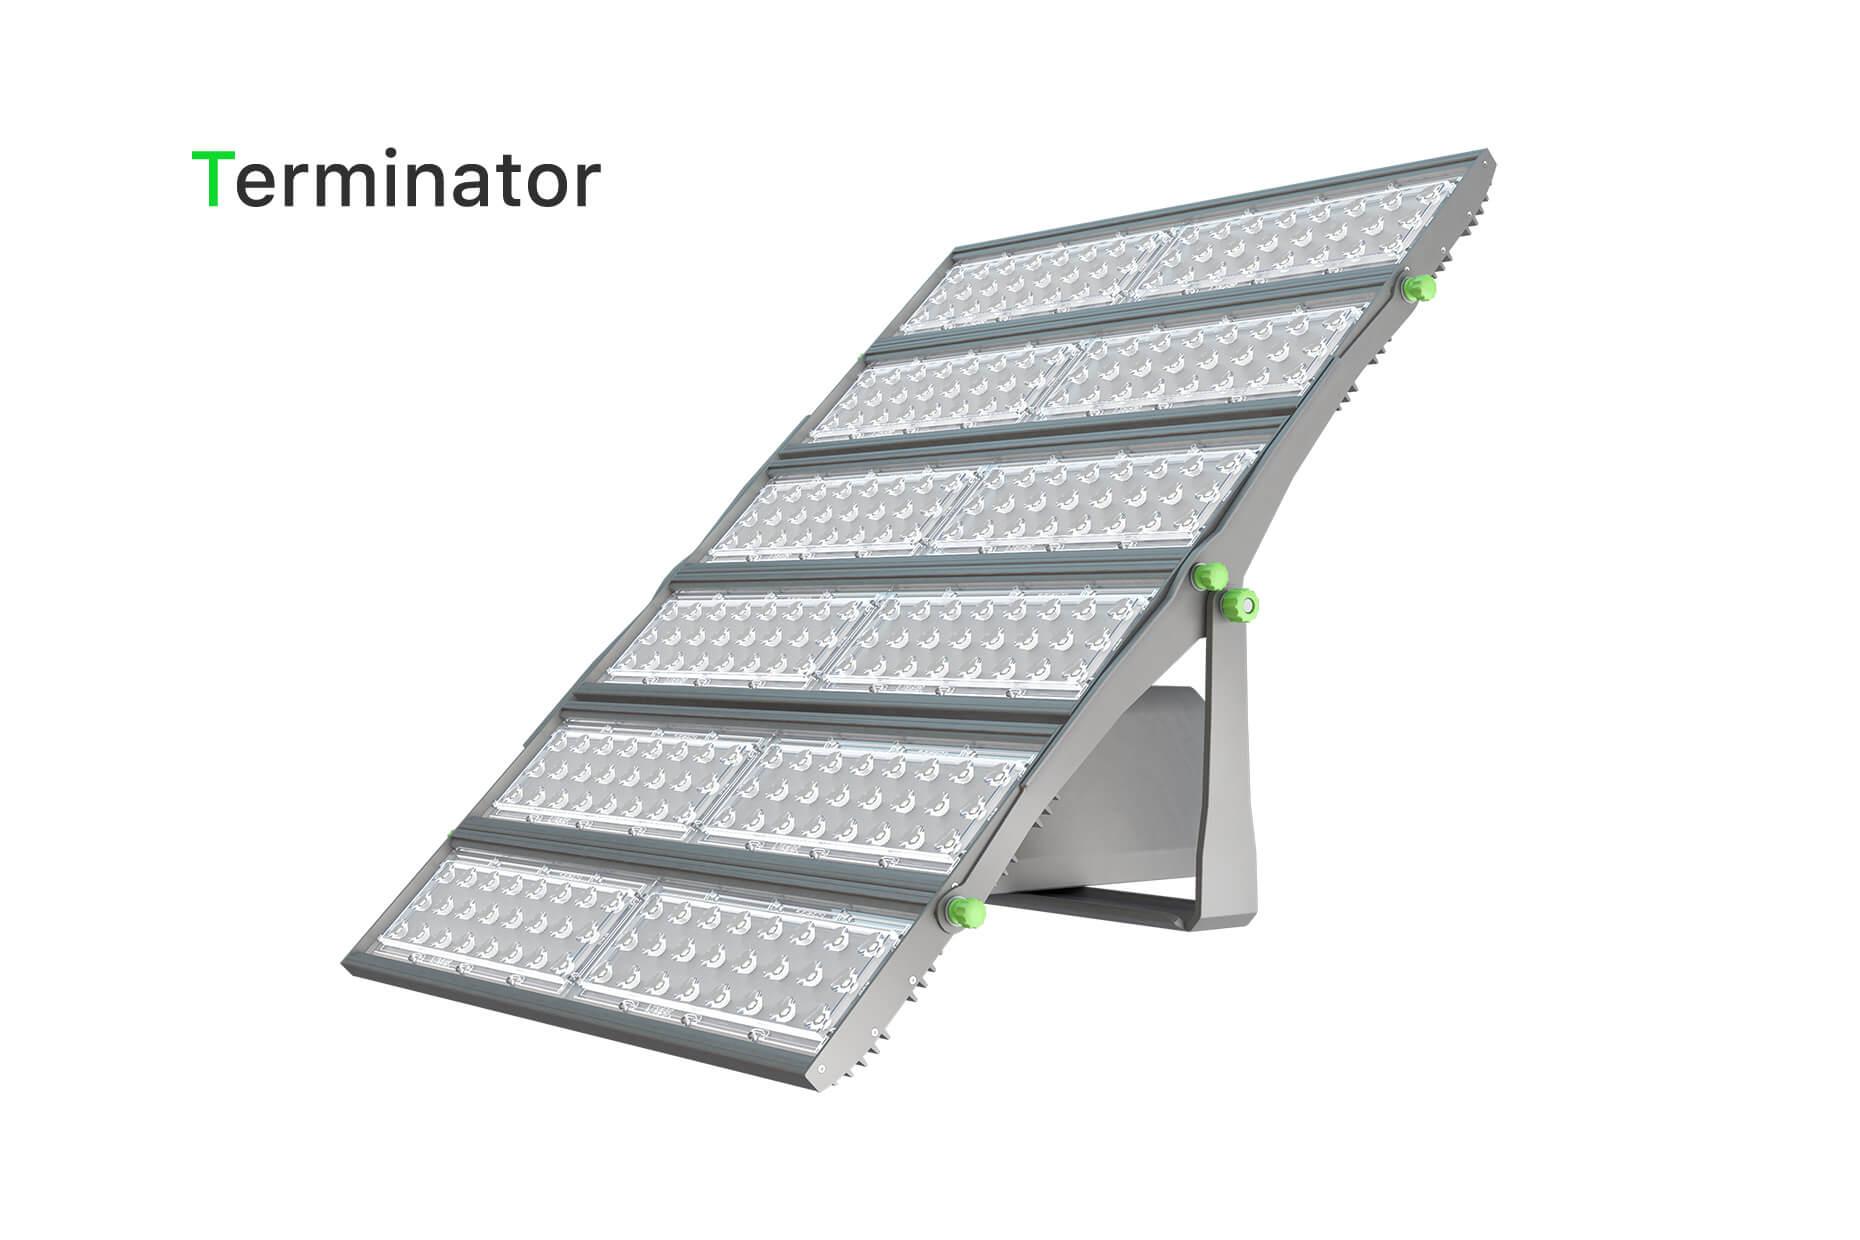 Промышленный светодиодный светильник Fitons Prom 60 Terminator